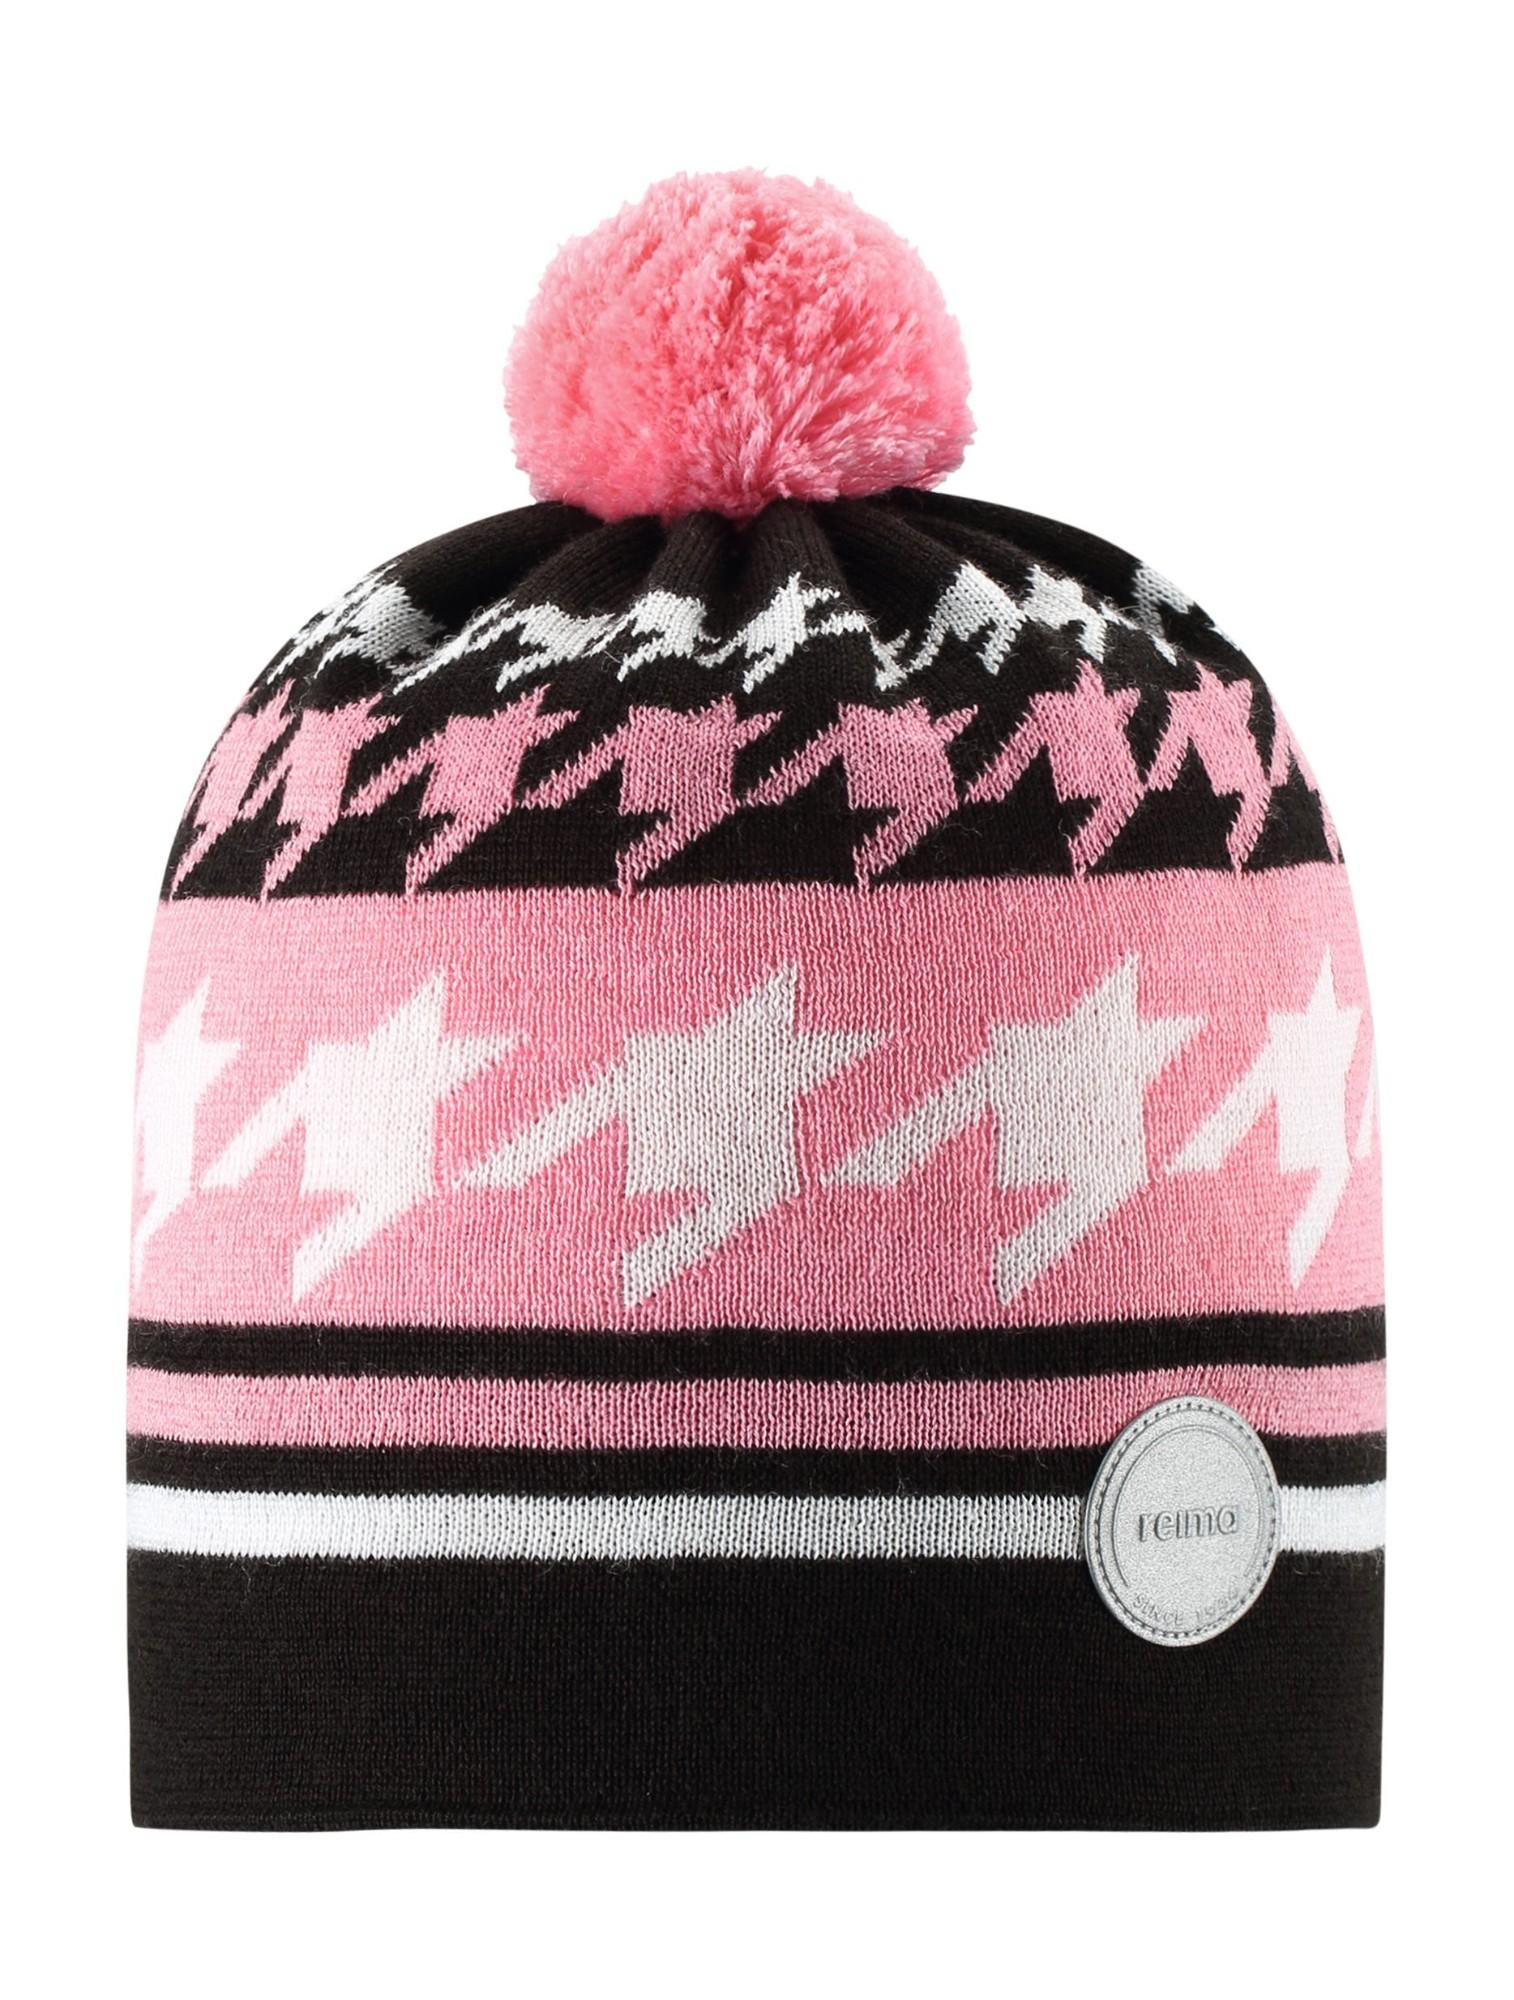 REIMA Kohva Bubblegum Pink 56-58